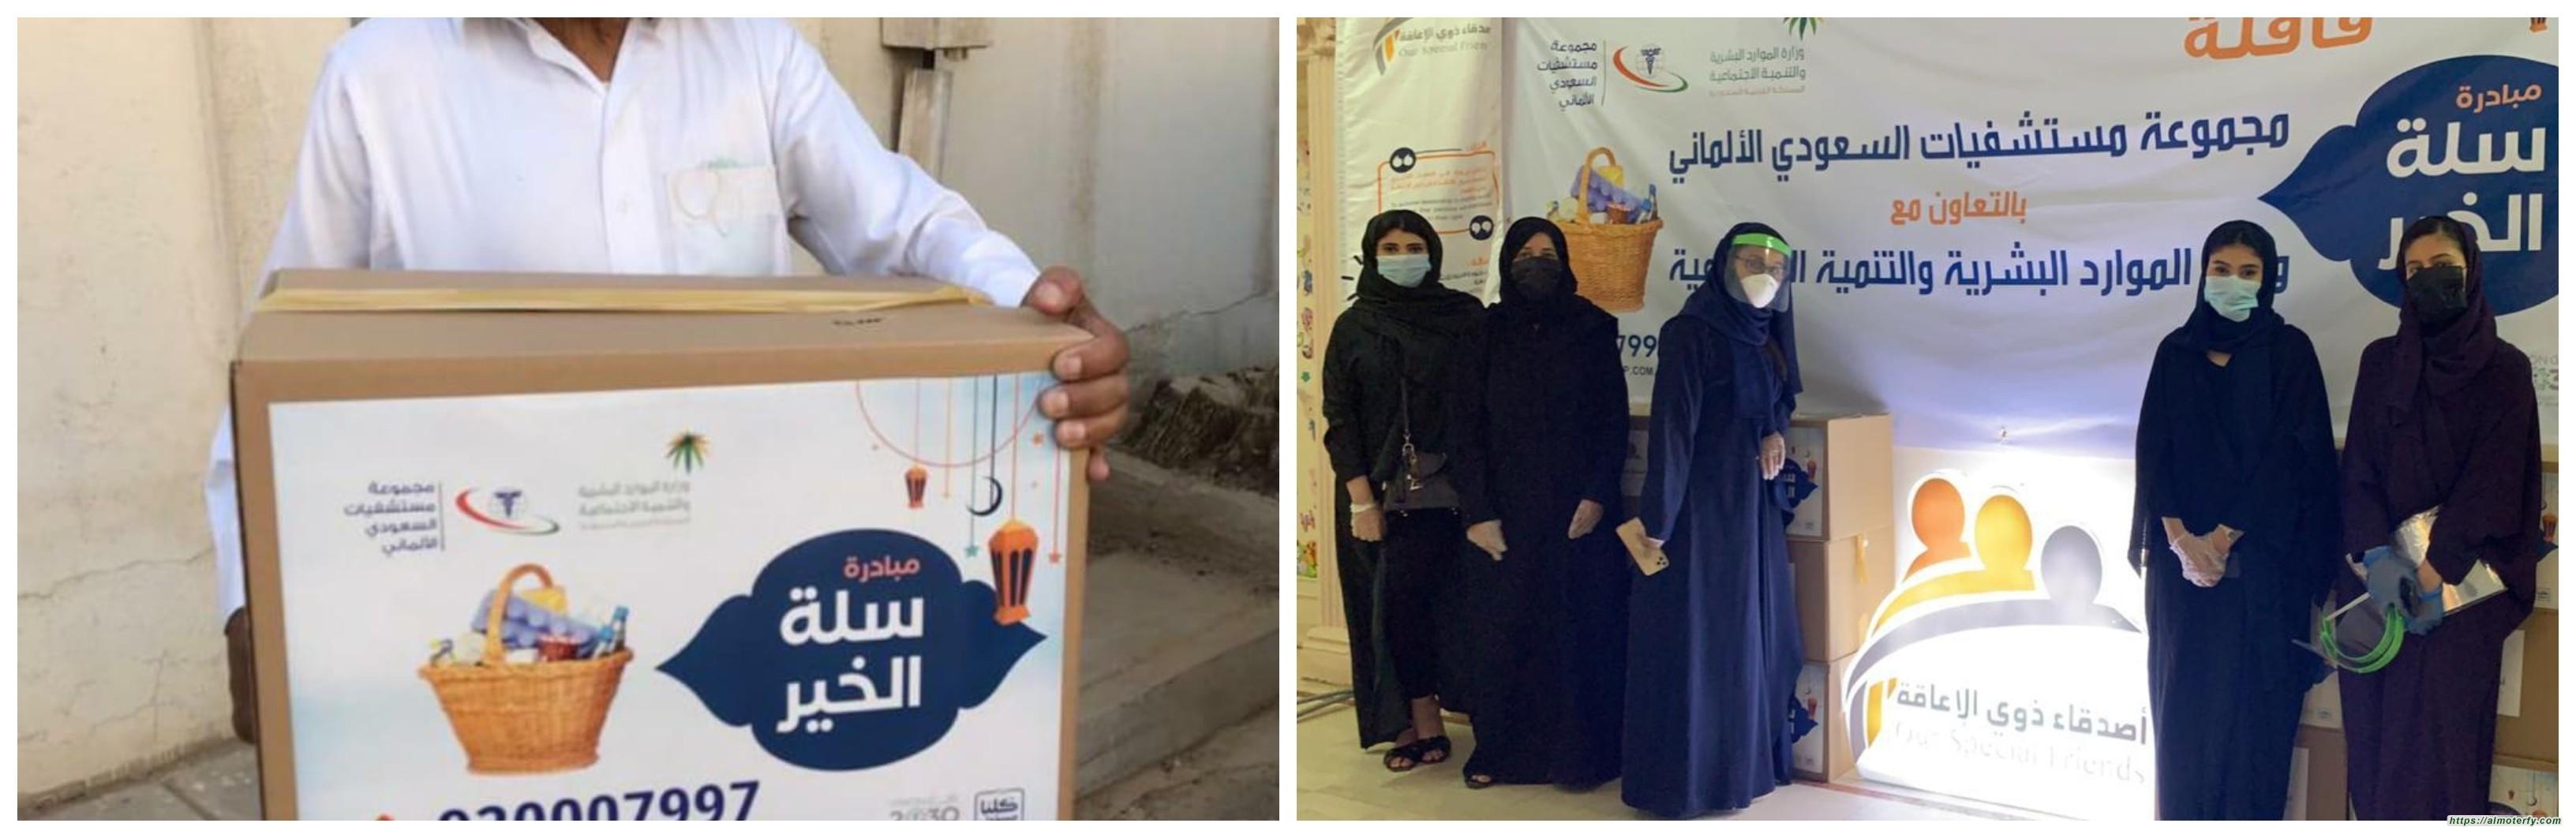 """بدافع من مسؤوليتها المُجتمعية ودعما للمبادرات الخيرية وبالتعاون مع فرع """"وزارة الموارد البشرية والتنمية الاجتماعية"""" مجموعة مستشفيات السعودي الألماني تقدم 300 سلة غذائية للأُسر المتعففة و ذوي الاحتياجات الخاصة"""